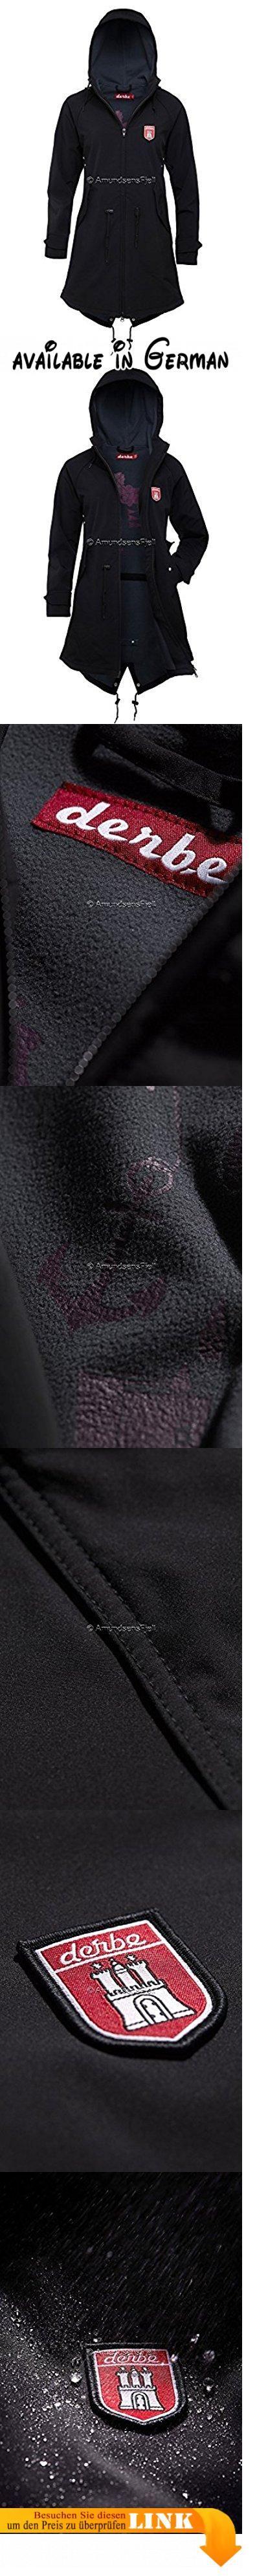 derbe Island Friese Softshelljacke Damen - 36. Material: 93 % Polyester, 7 % Polyurethan. Futter: 100 % Polyester. winddicht und wasserabweisend. atmungsaktiv. Kapuze mit Kordelzug #Apparel #OUTERWEAR